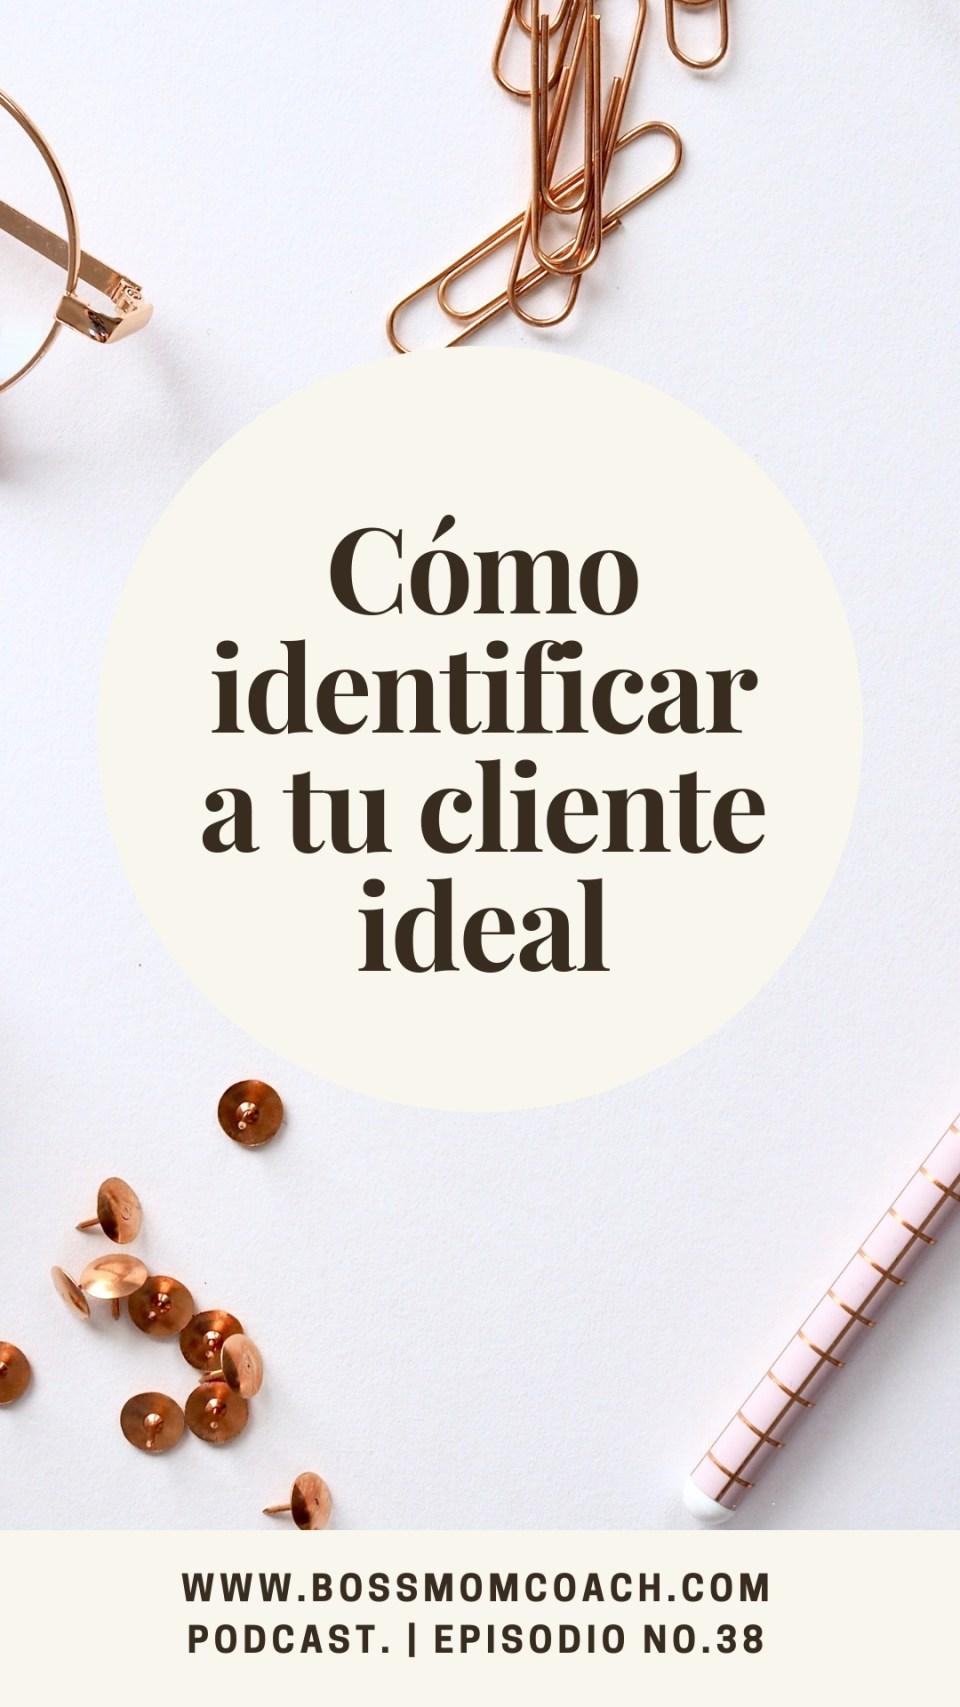 Como identificar a tu client ideal podcast